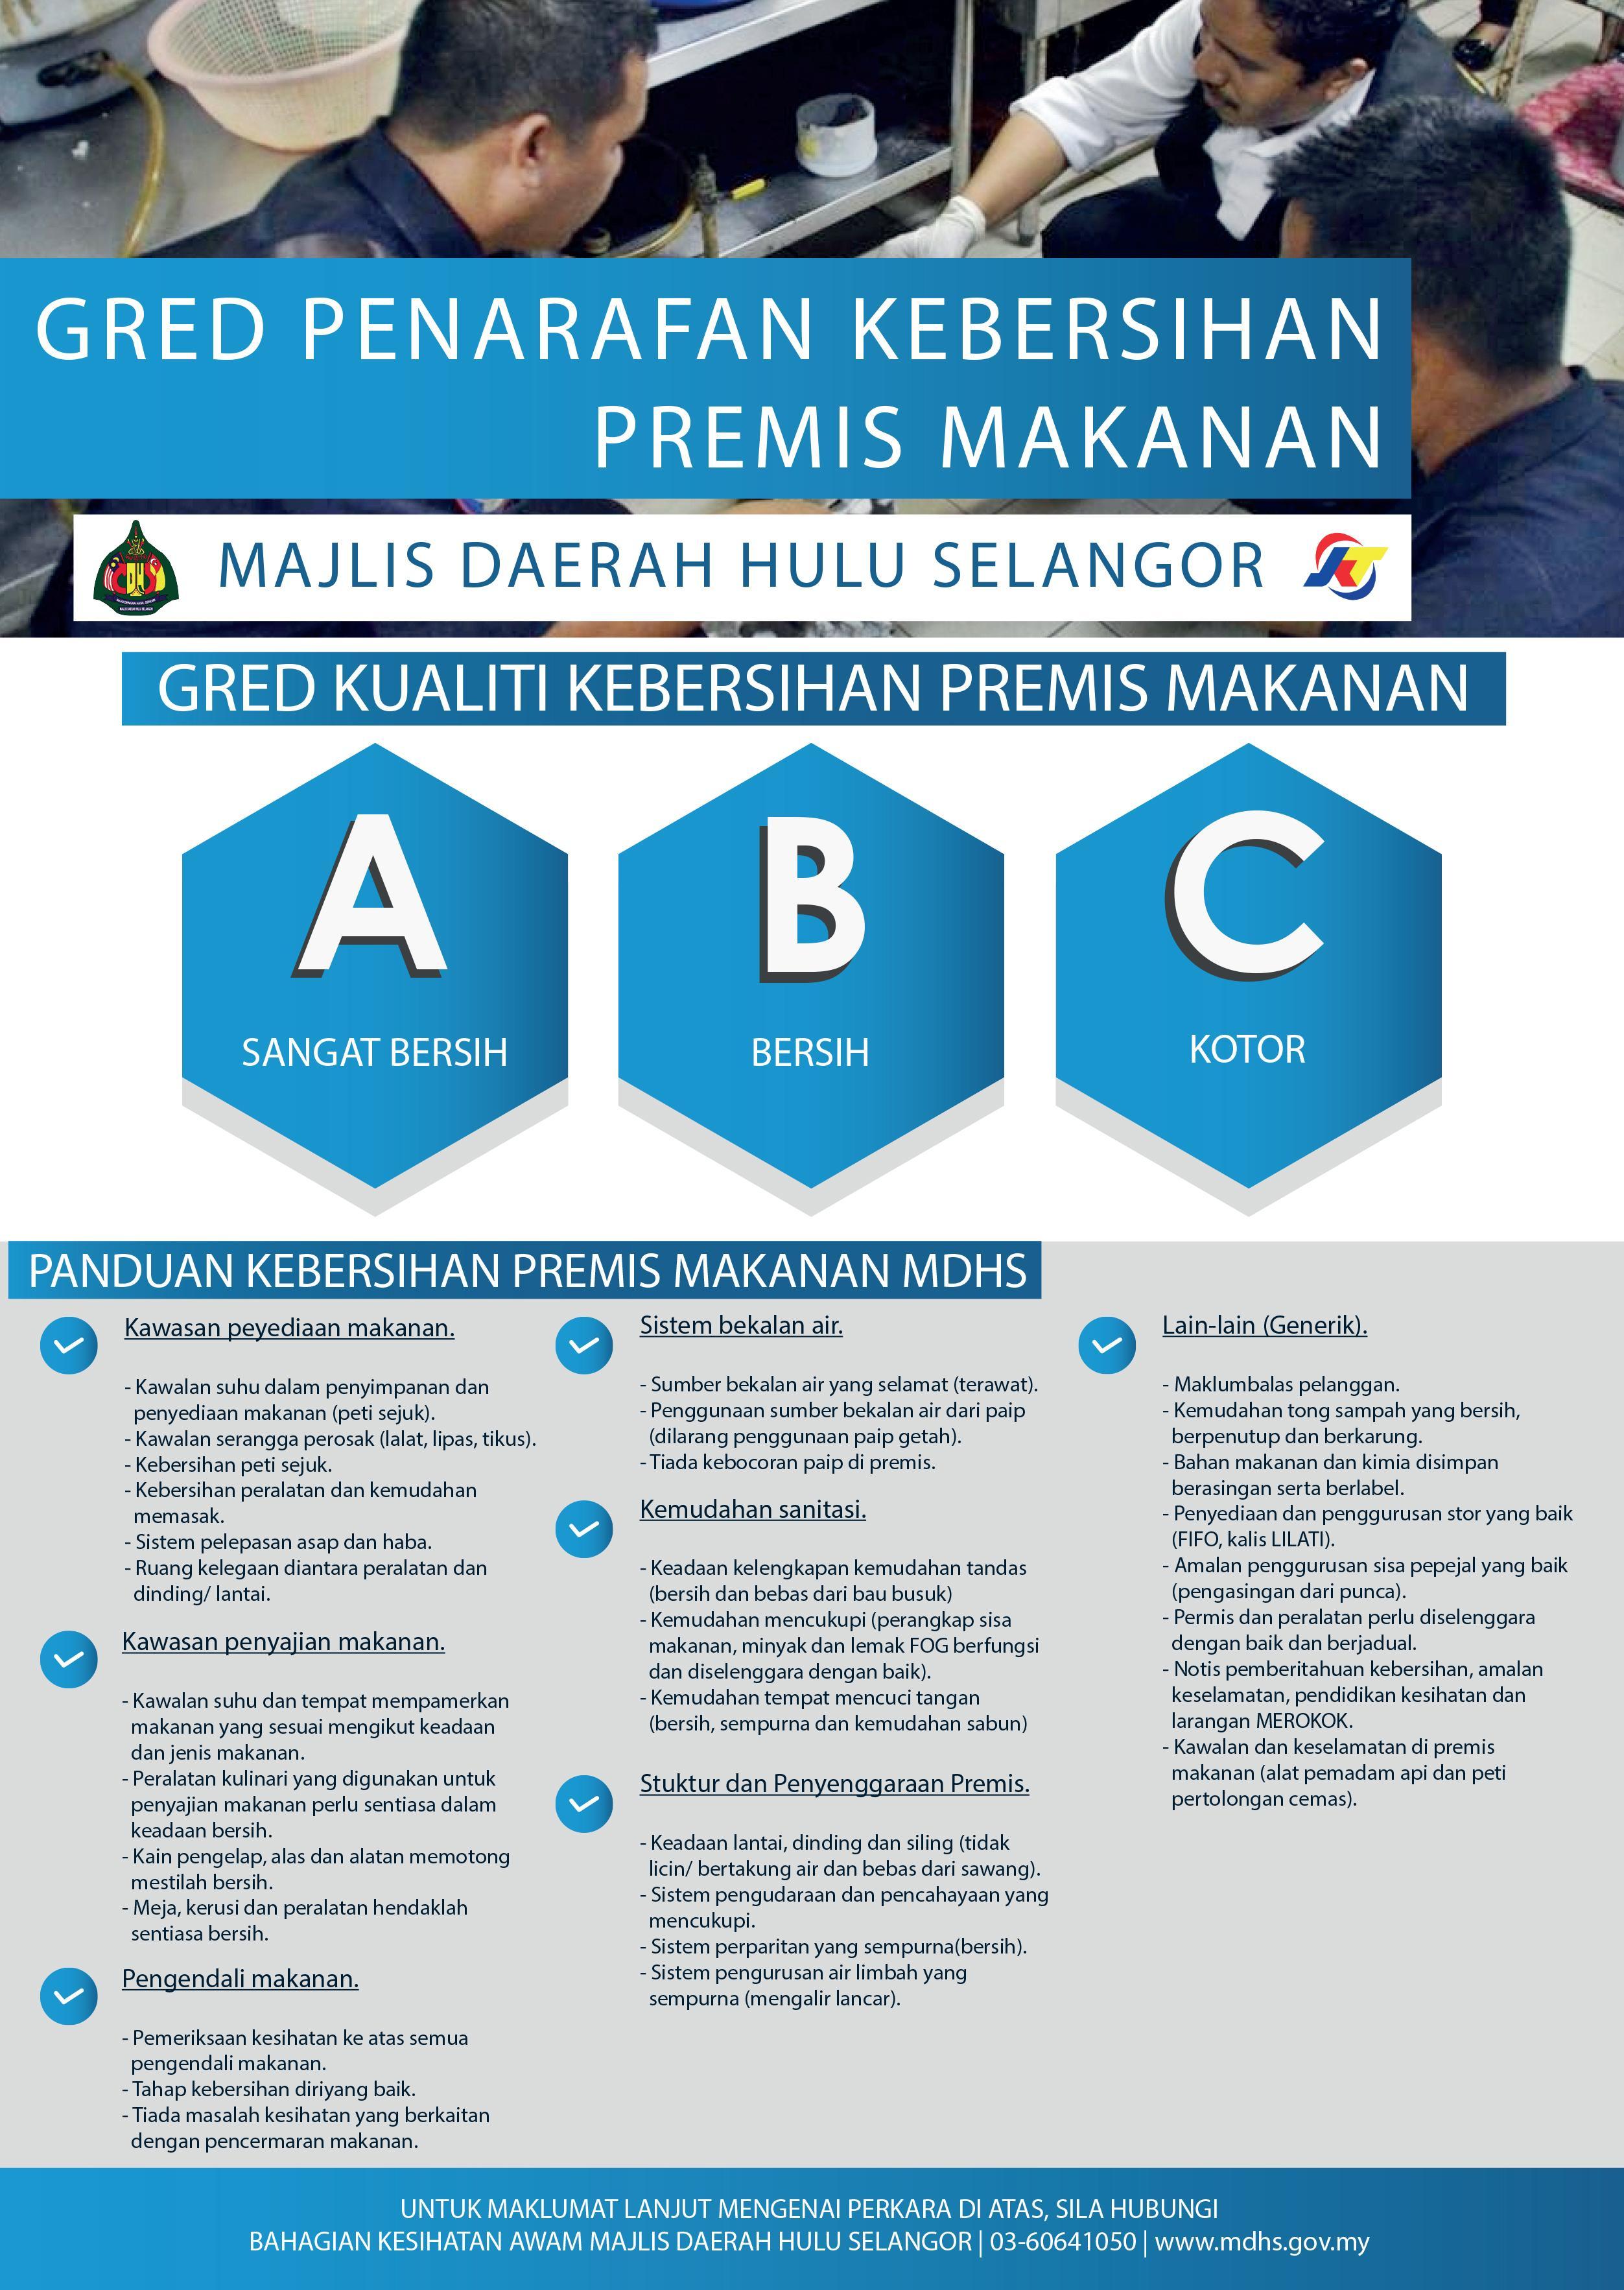 Jadual Pencucian Peralatan Dapur Dan Premis Dewan Makan Gred Kebersihan Makanan Mdhs 2018 Kesihatan Awam Portal Rasmi Majlis Daerah Hulu Selangor